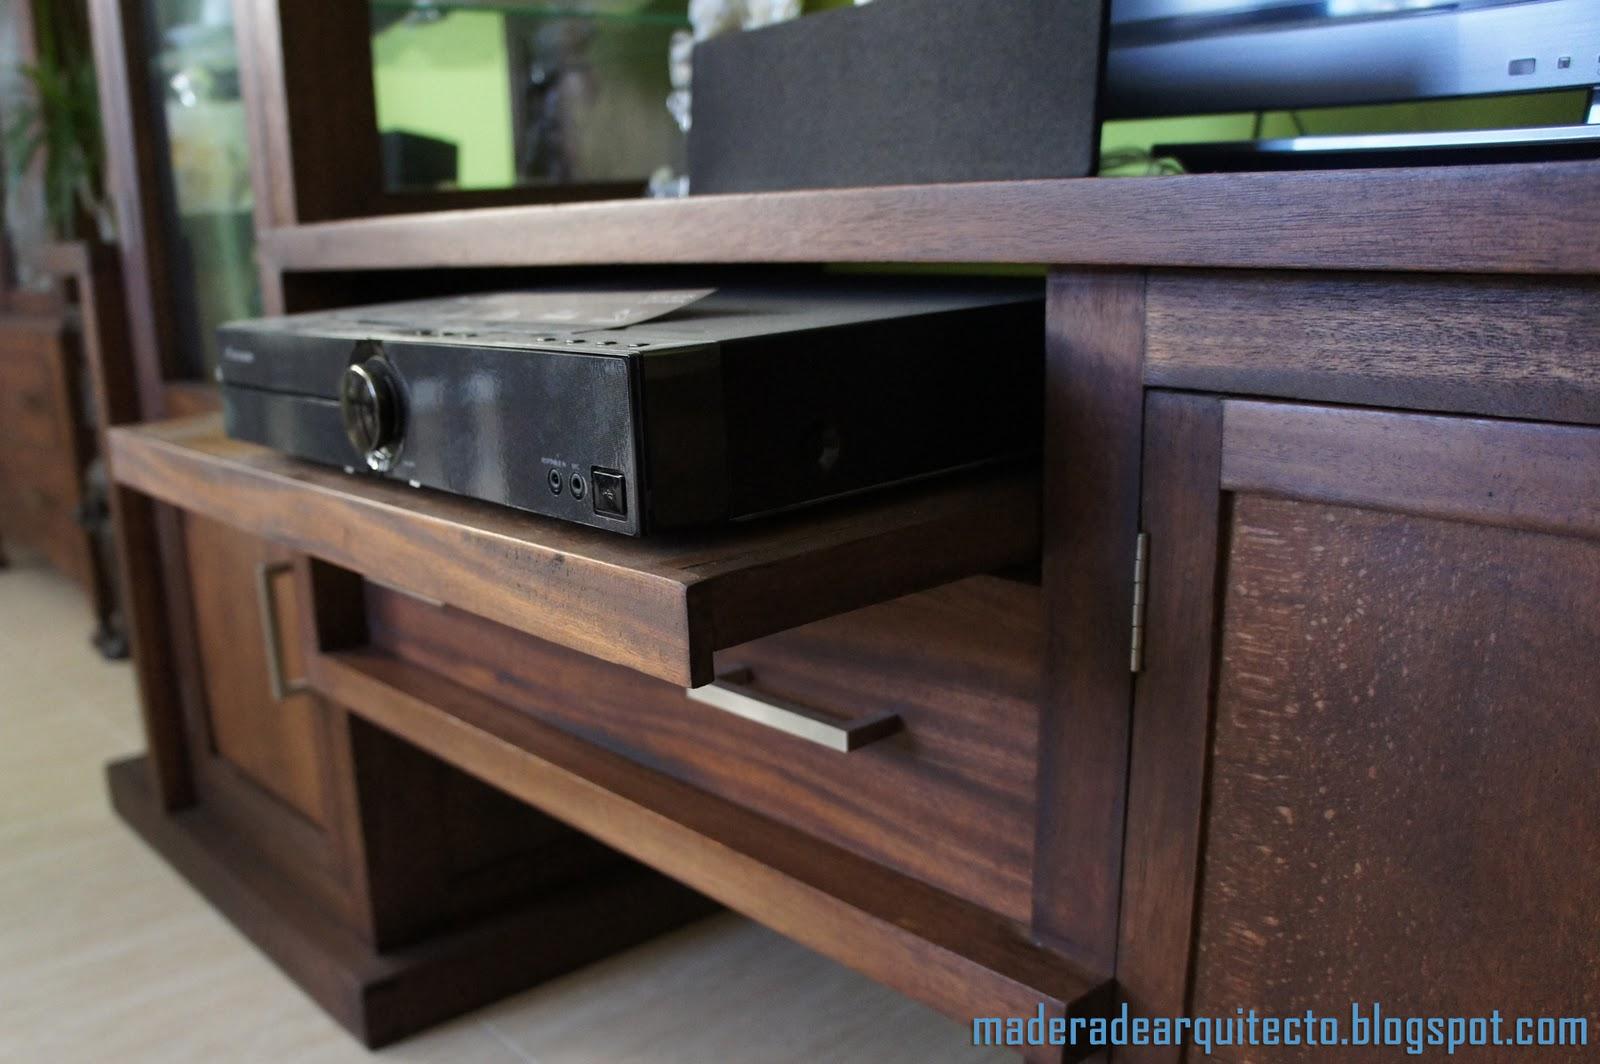 Madera de arquitecto dise o de muebles mueble para la for Balda muebles